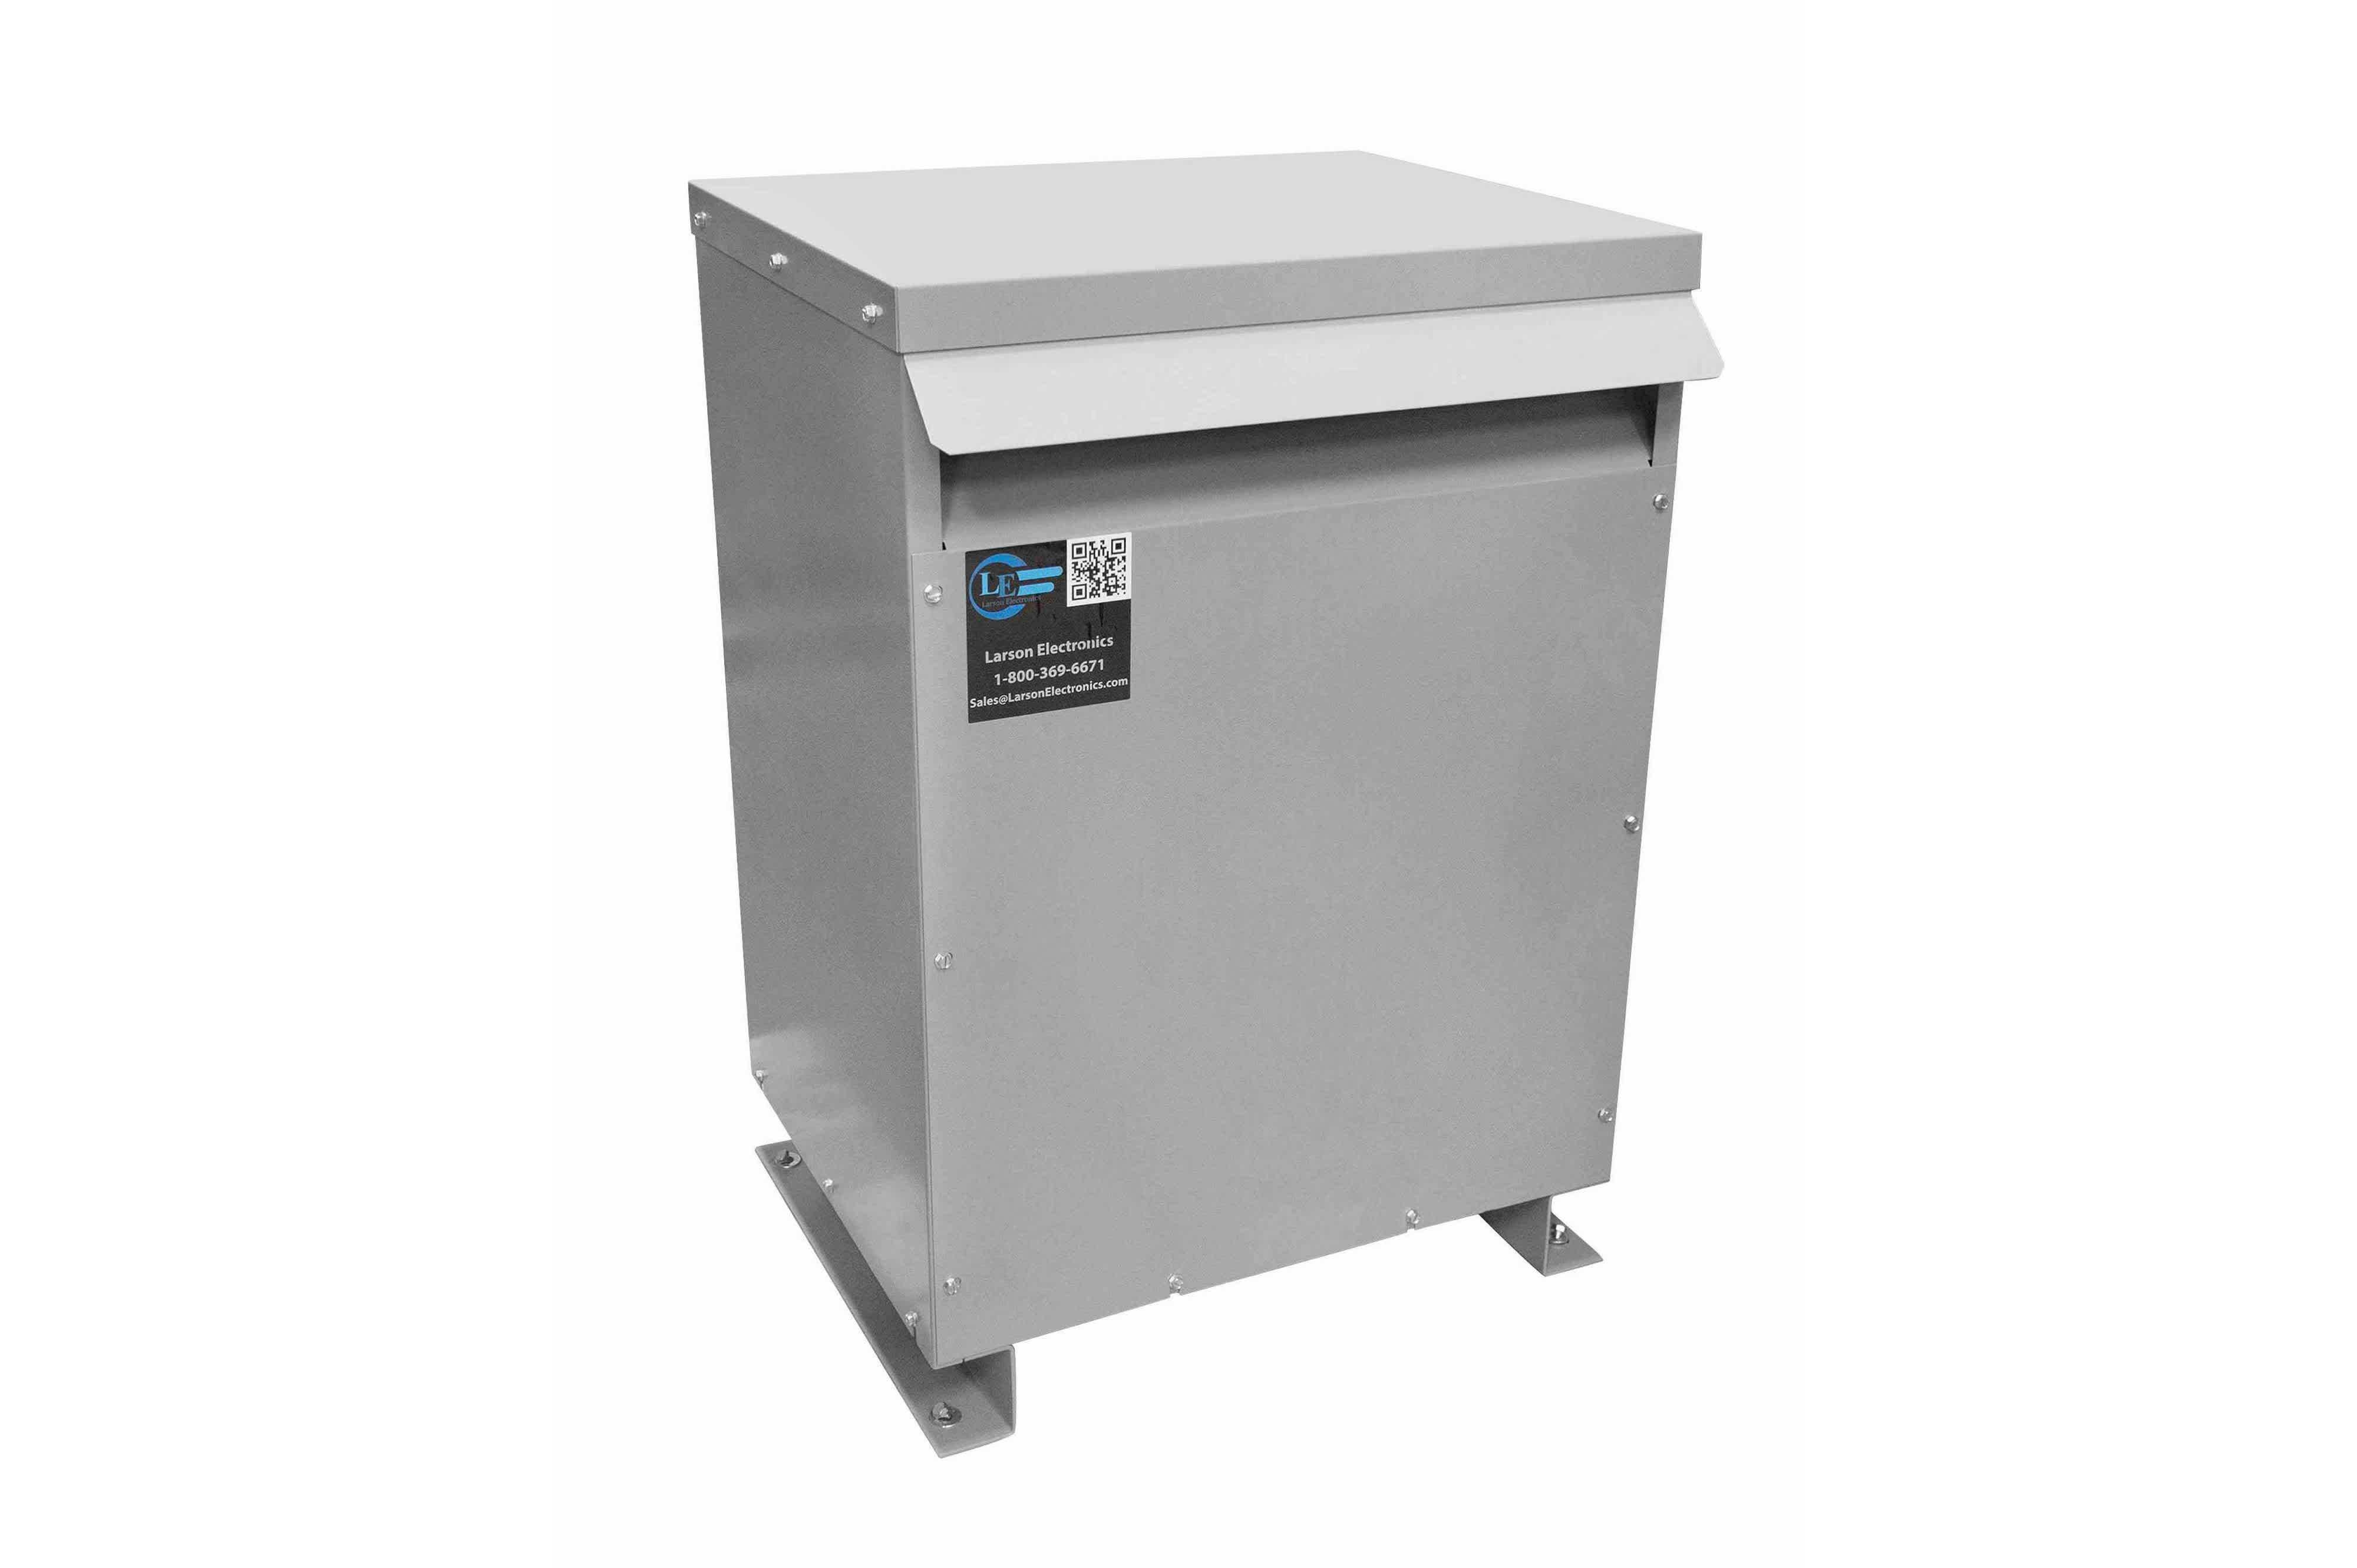 9 kVA 3PH Isolation Transformer, 600V Delta Primary, 480V Delta Secondary, N3R, Ventilated, 60 Hz